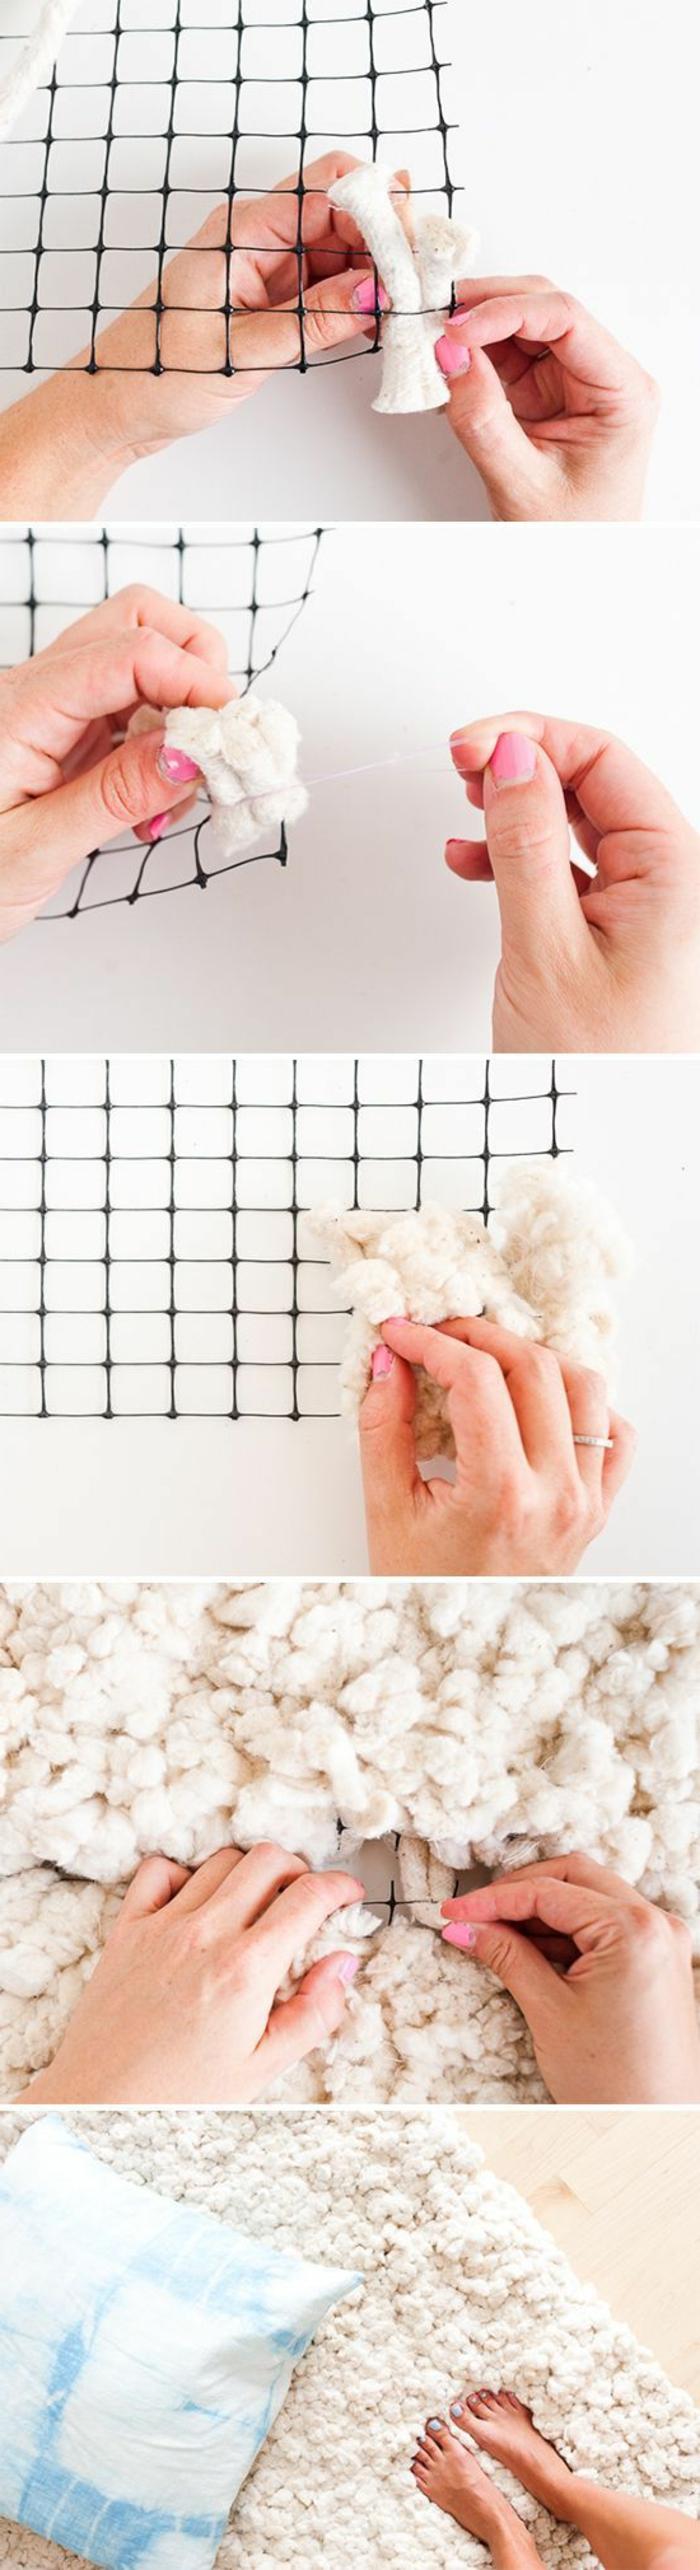 tutoriel fabrication tapis moelleux, technique création tapis avec laine et tapis antidérapant, idée activité manuelle hiver